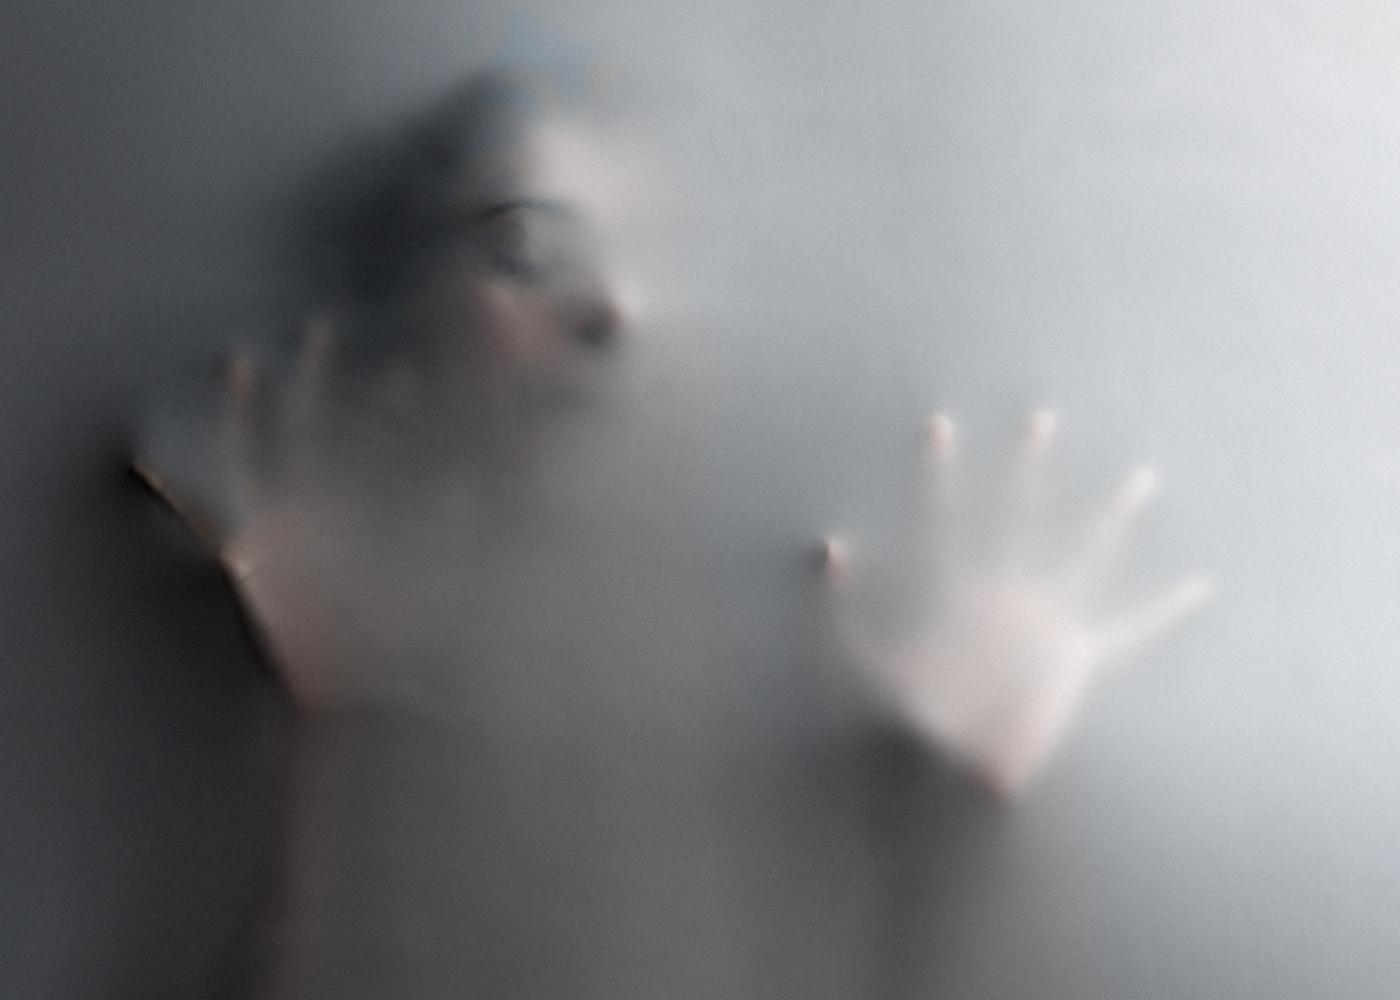 Representação de medo e fobias: mulher presa no interior de um tecido elástico